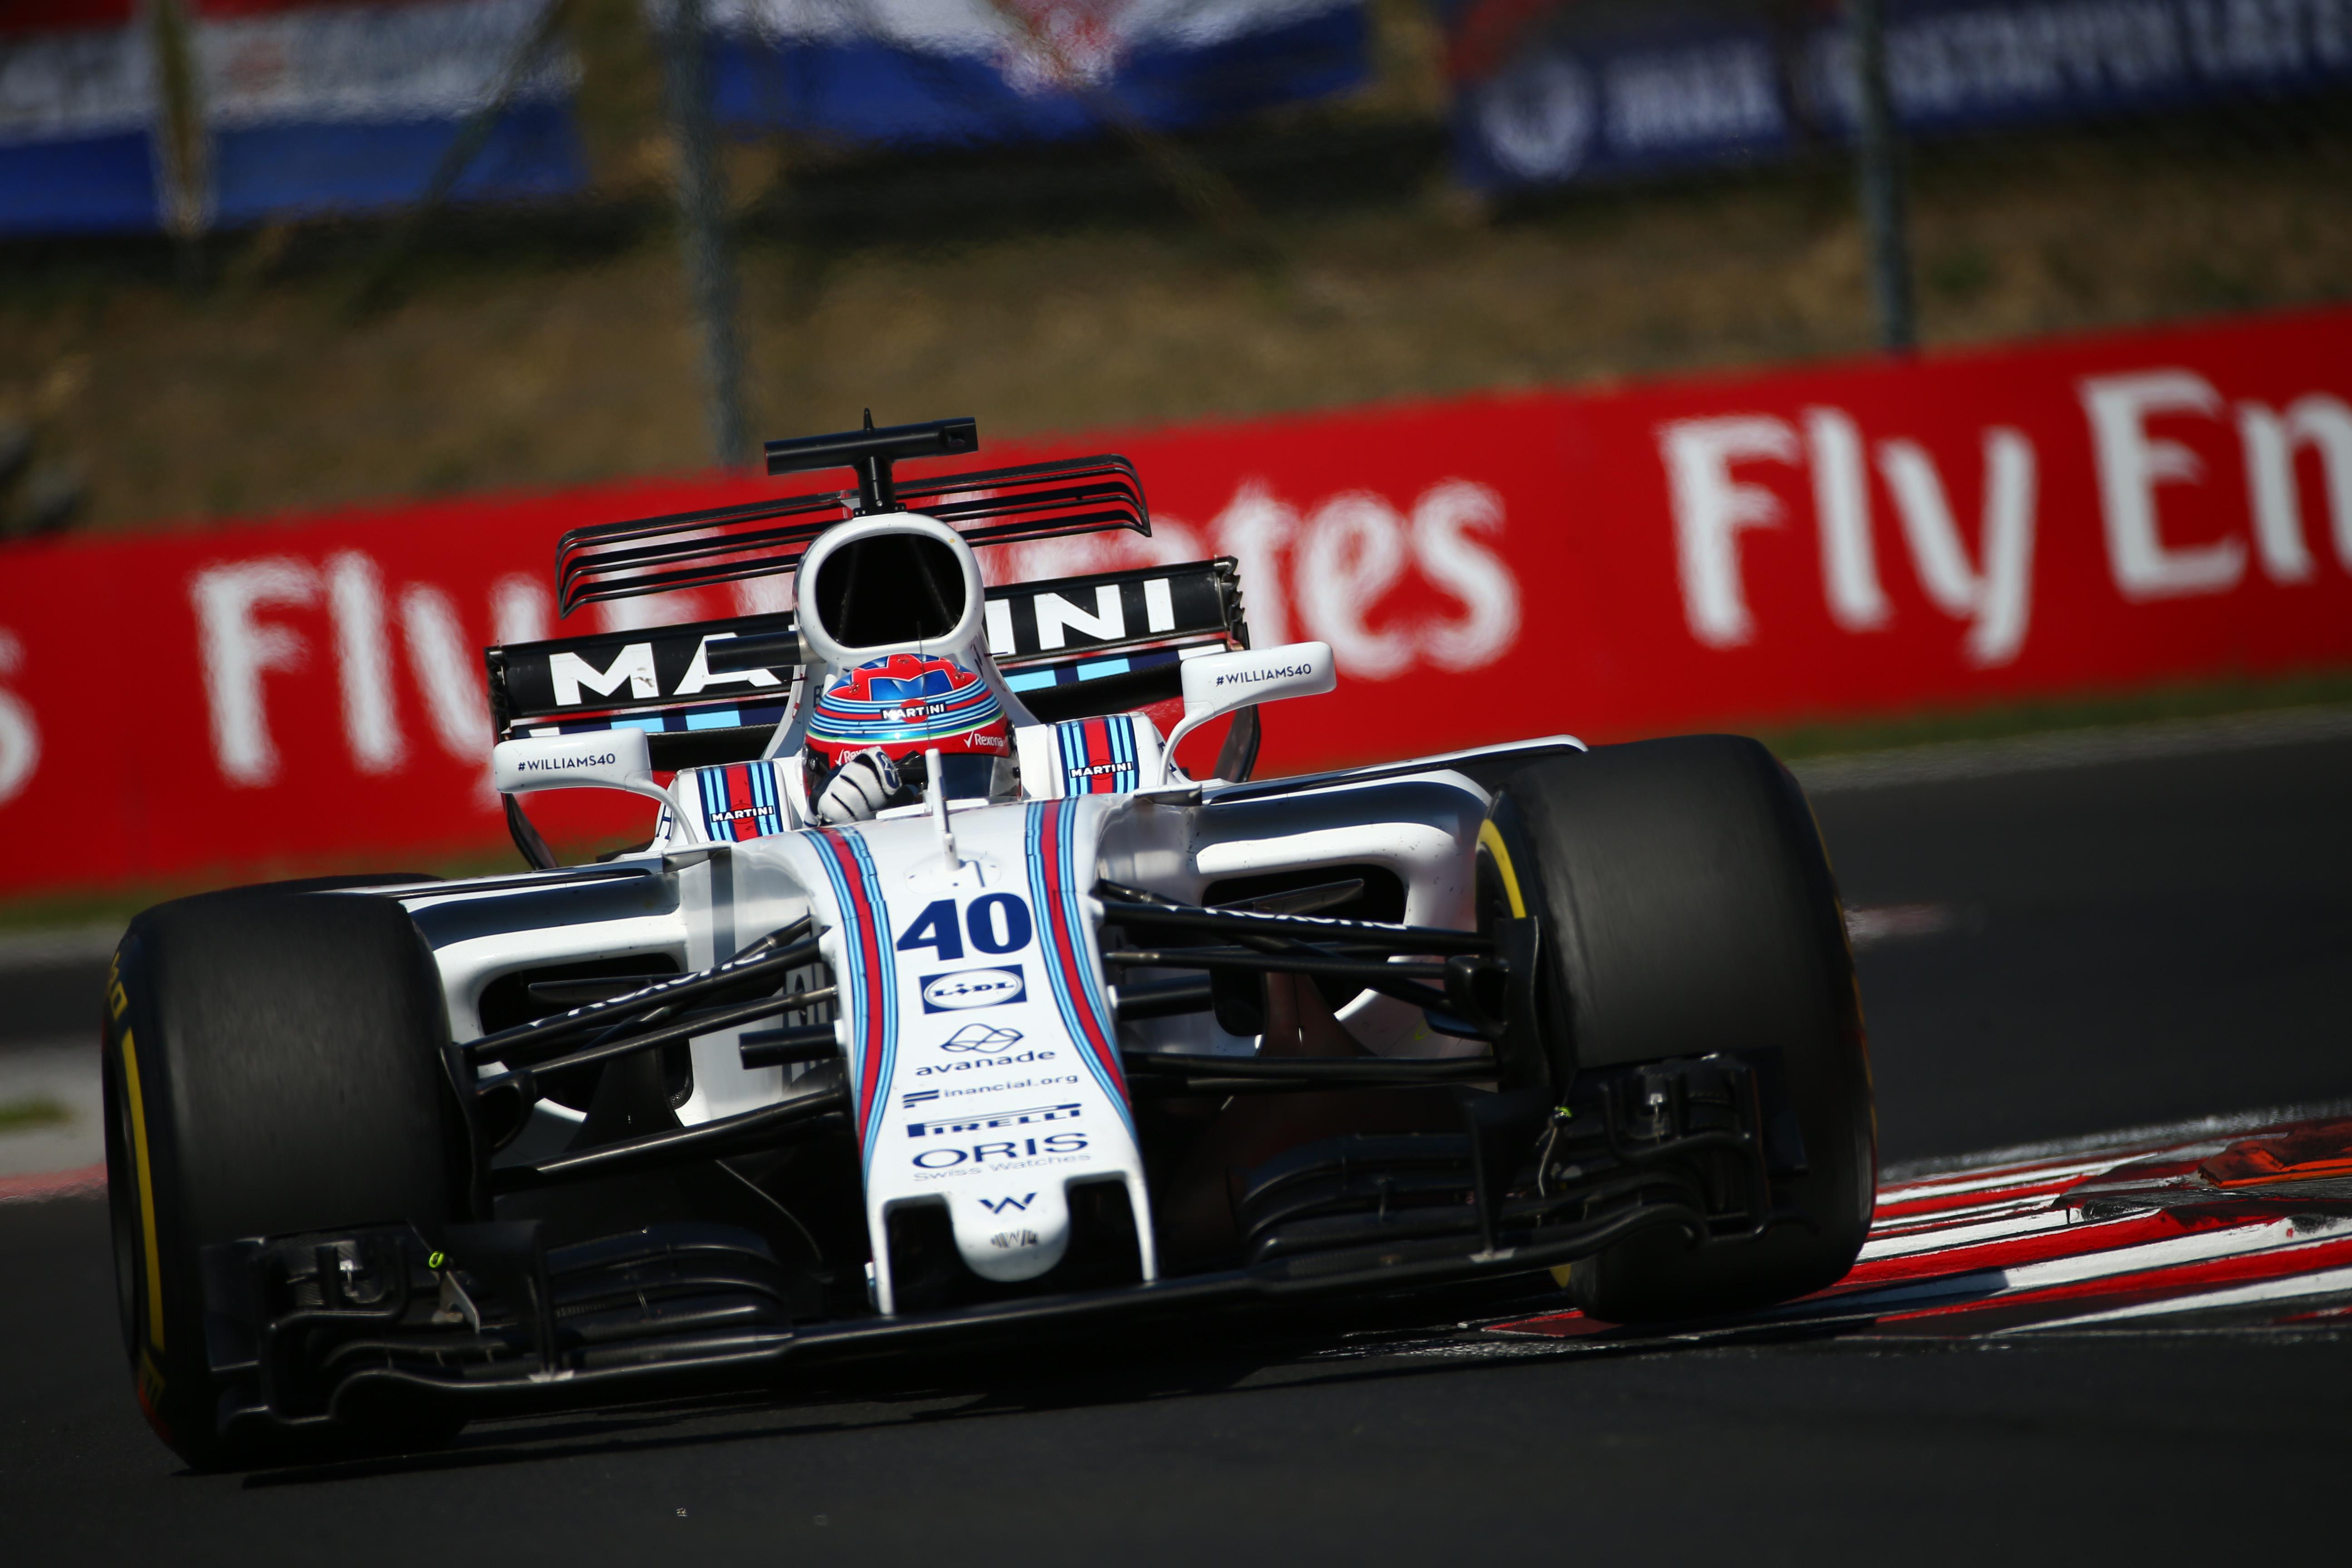 Paul di Resta McLaren F1 Silverstone 2020